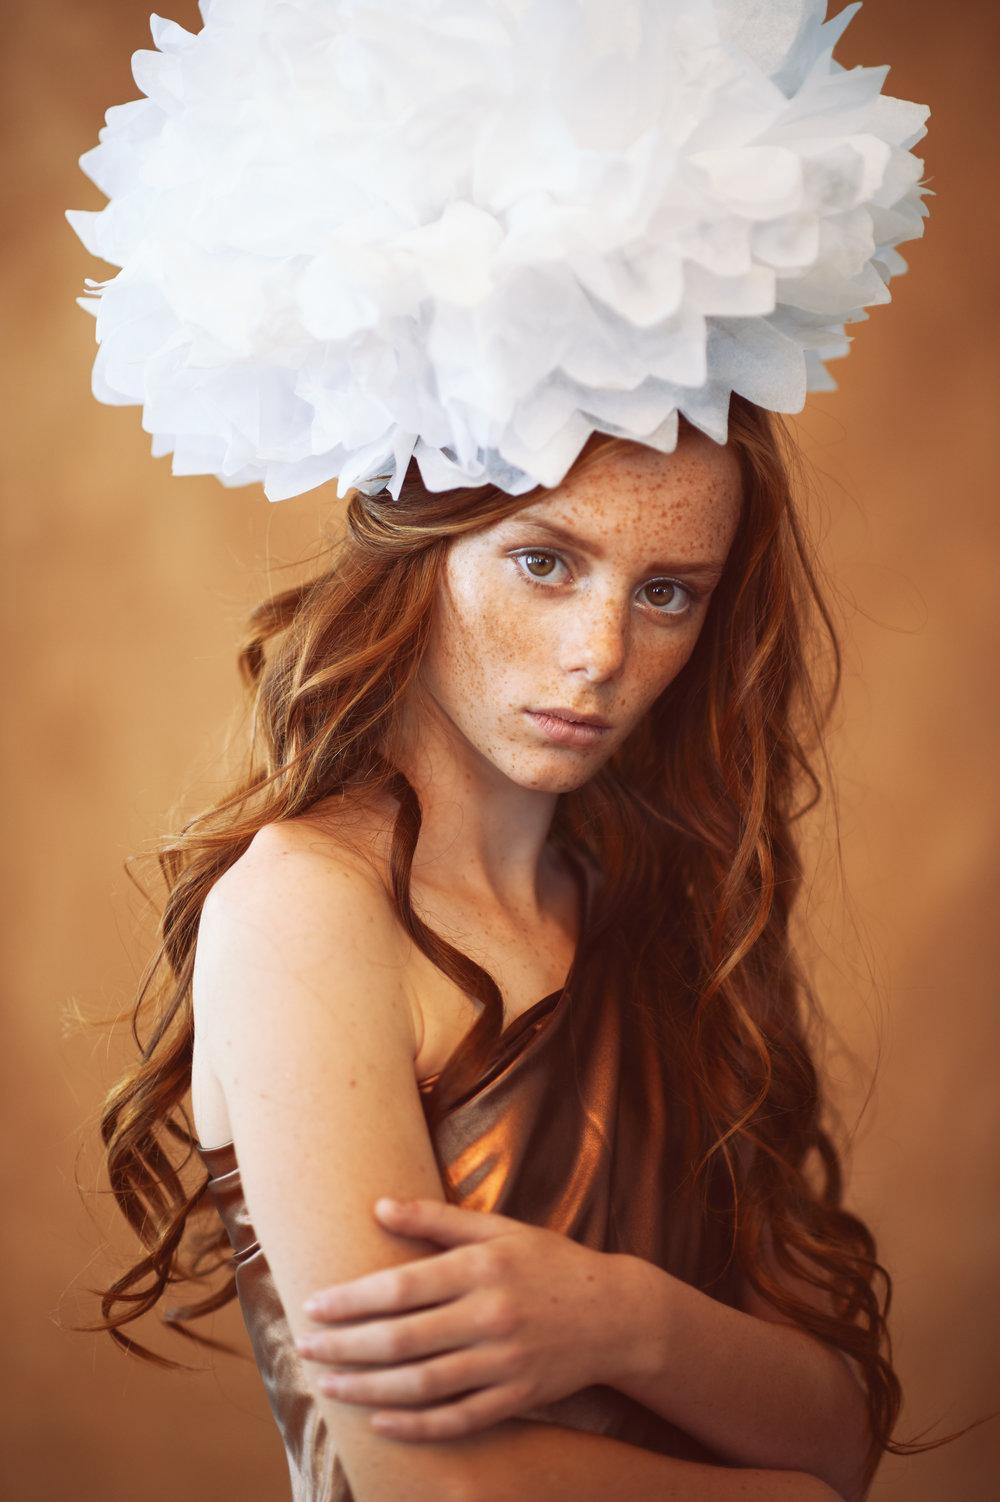 Marta-hewson-Emeryss-Teen-Portrait-Fashion-shoot-0196.jpg